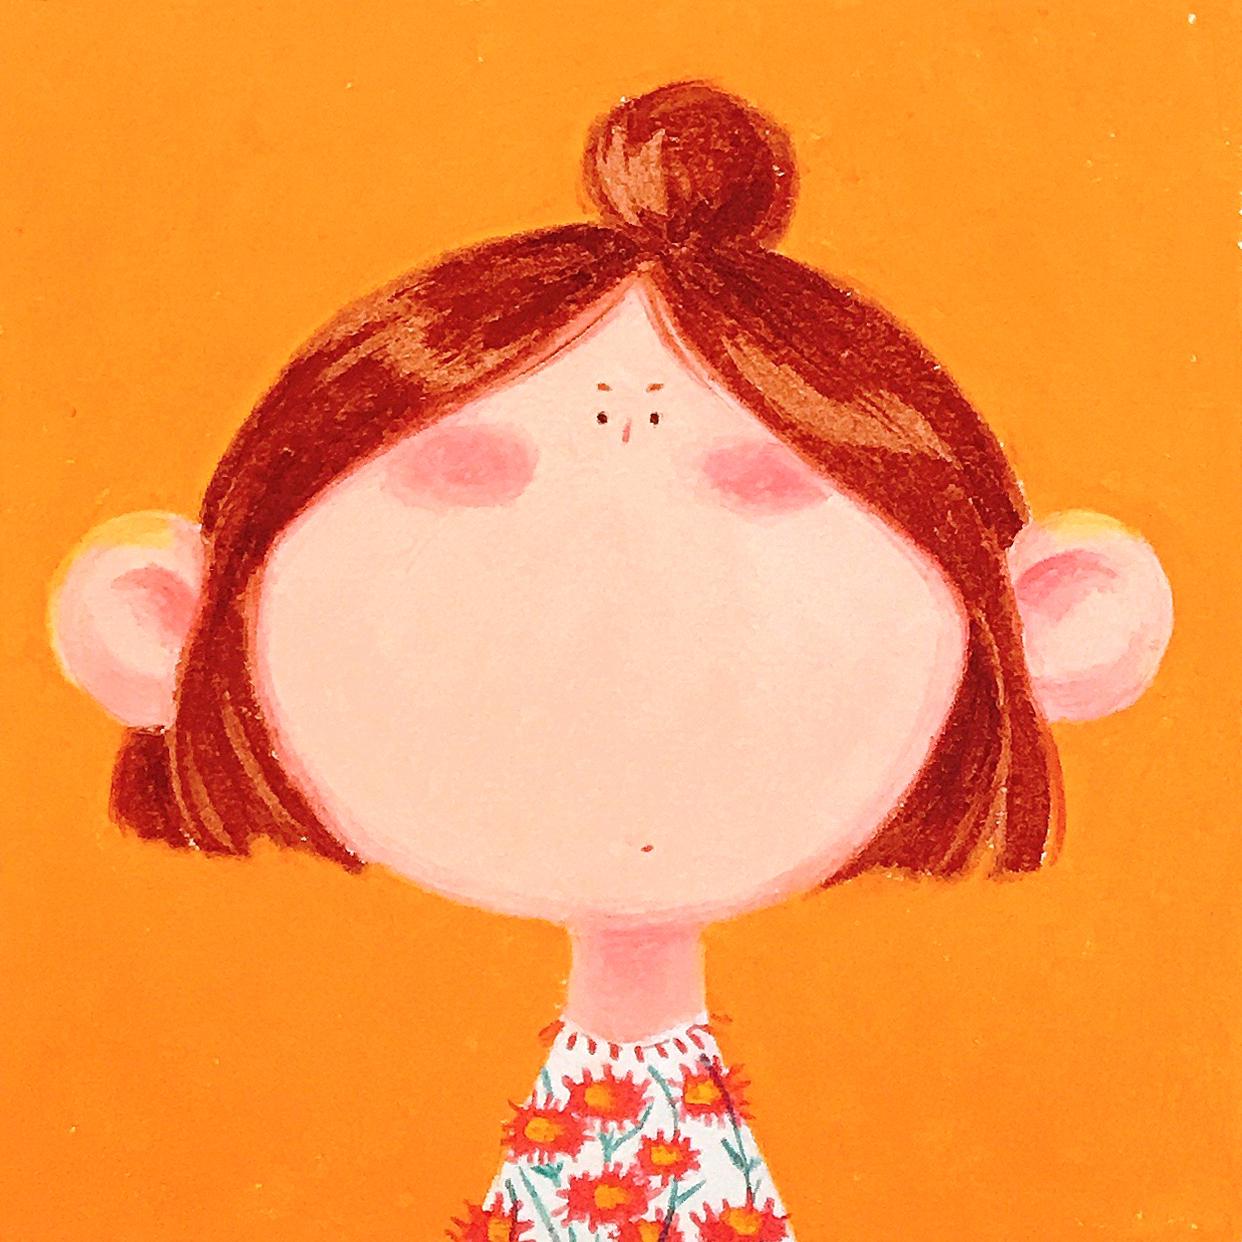 Big Face, Tiny Eyes - Orange